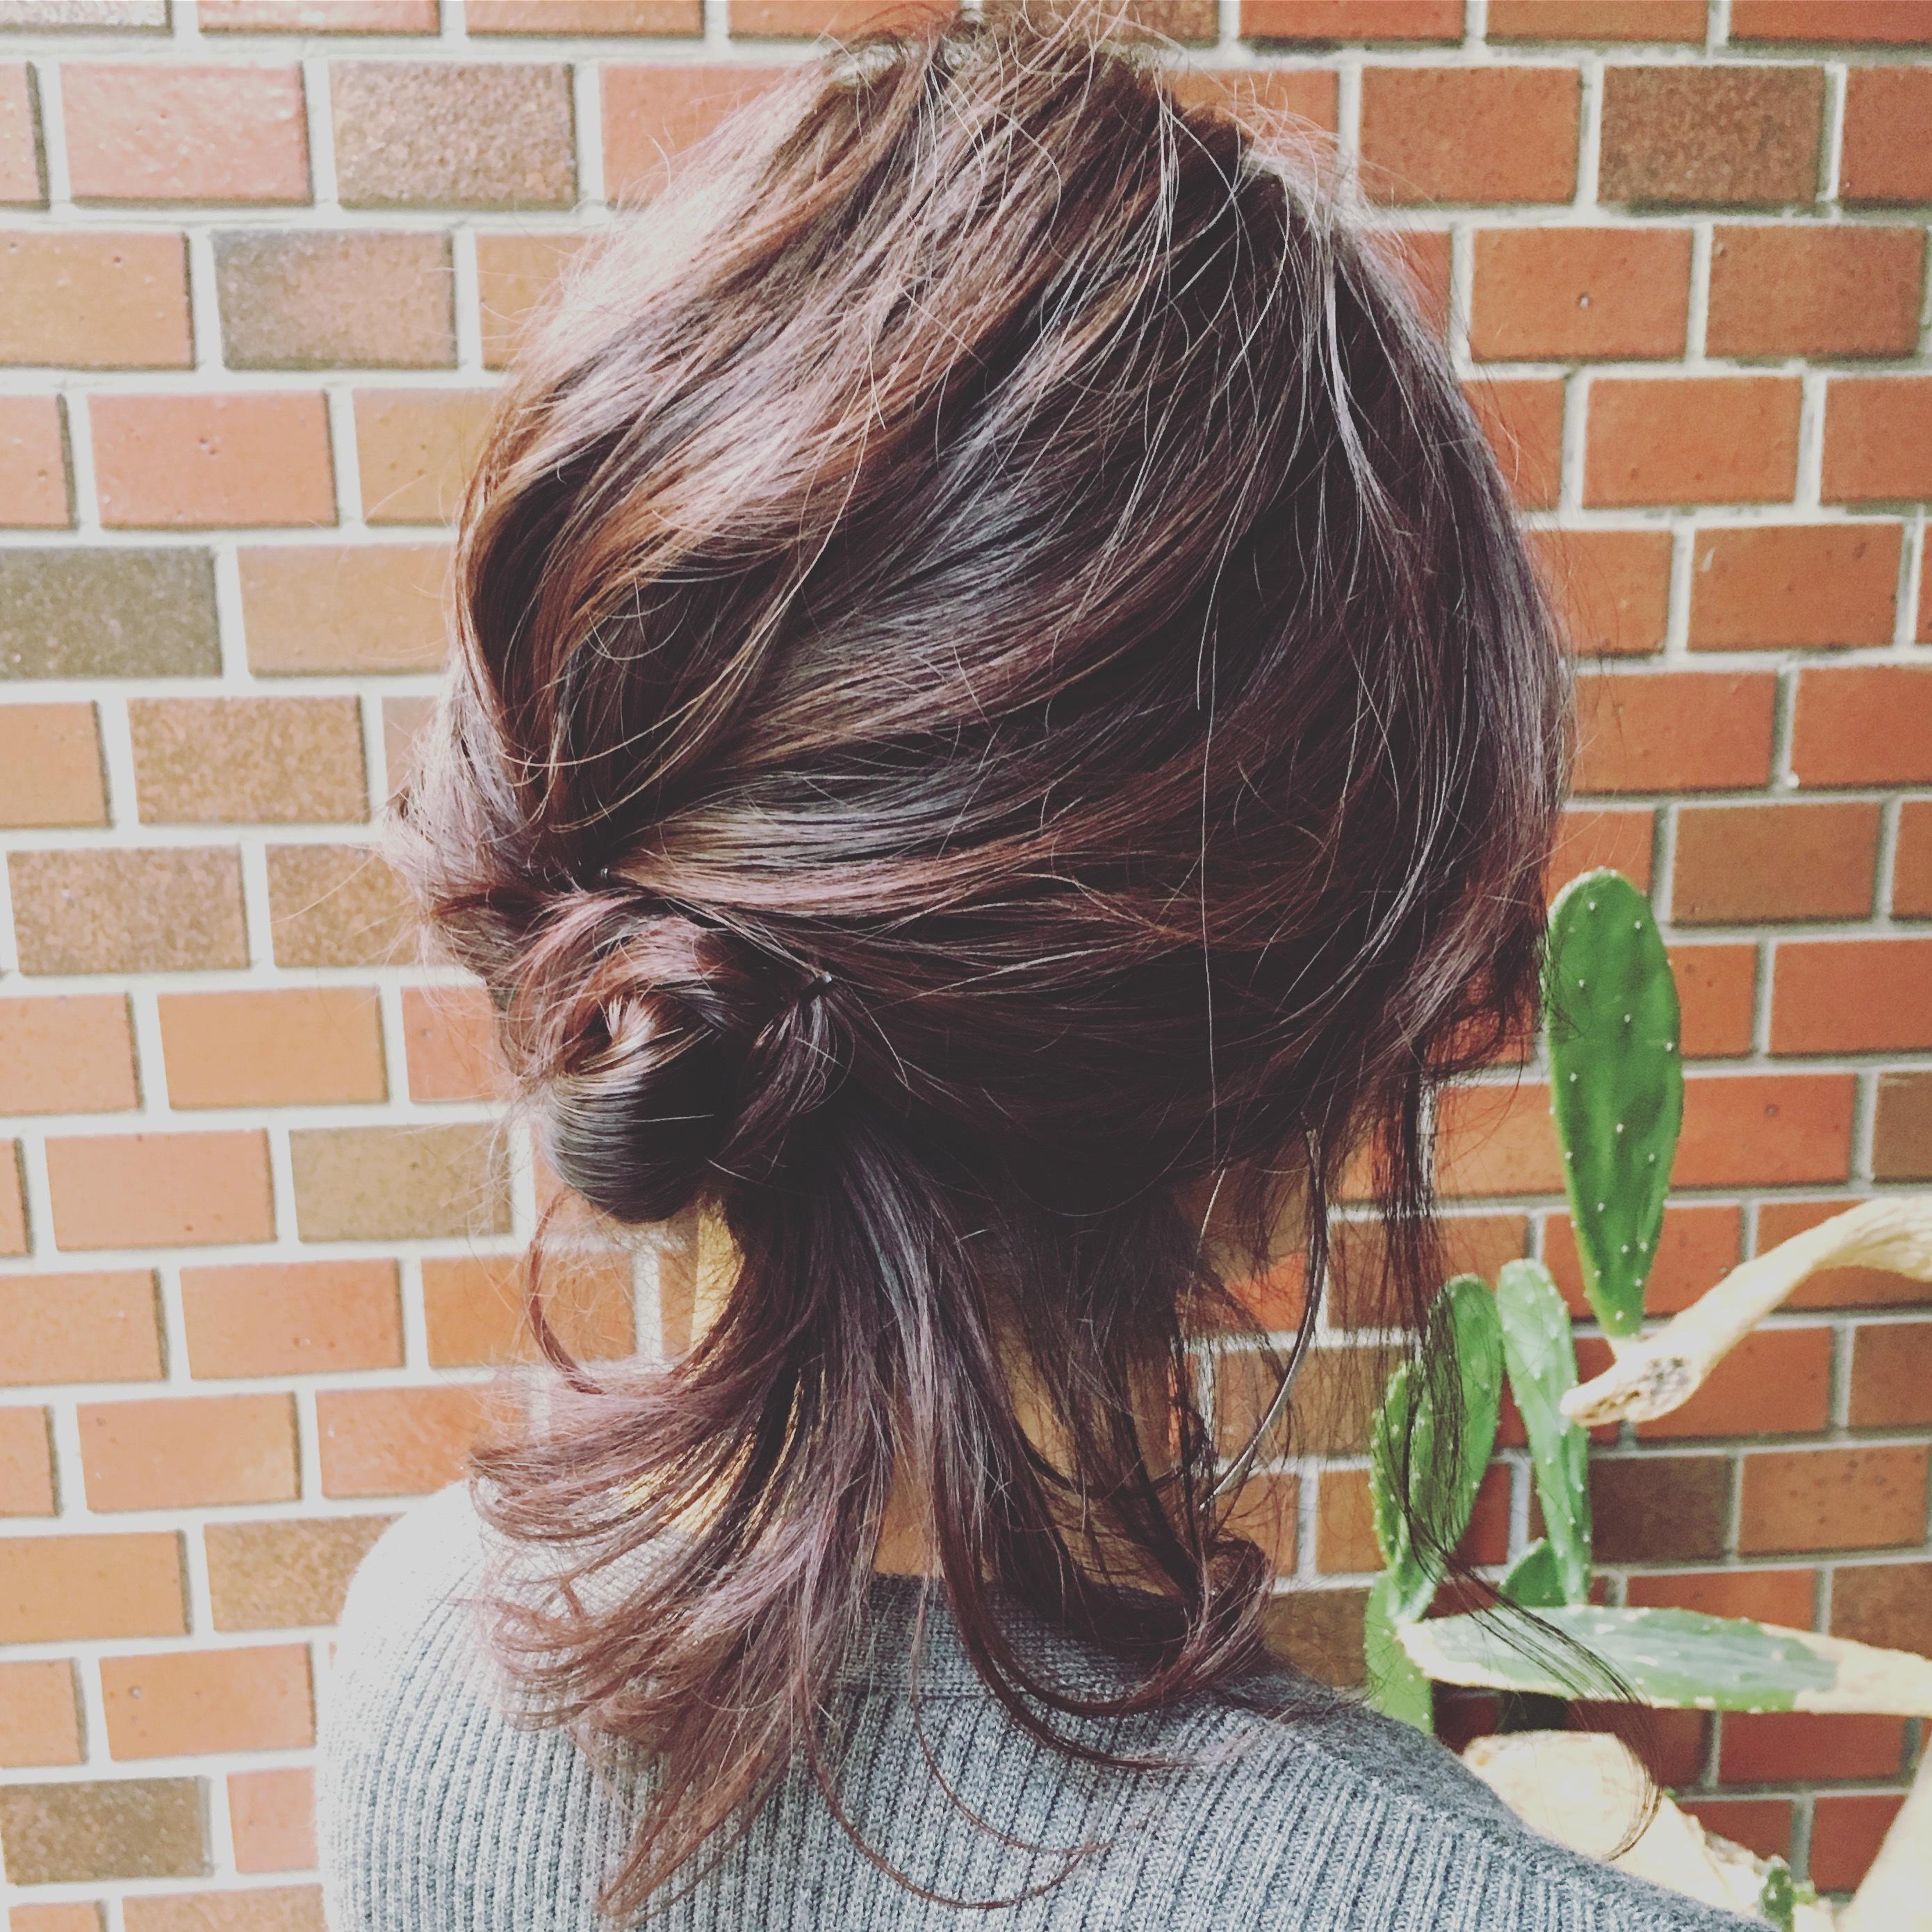 髪型をかえたいけどどうしよう。。。髪型変える?髪色変える?_1_1